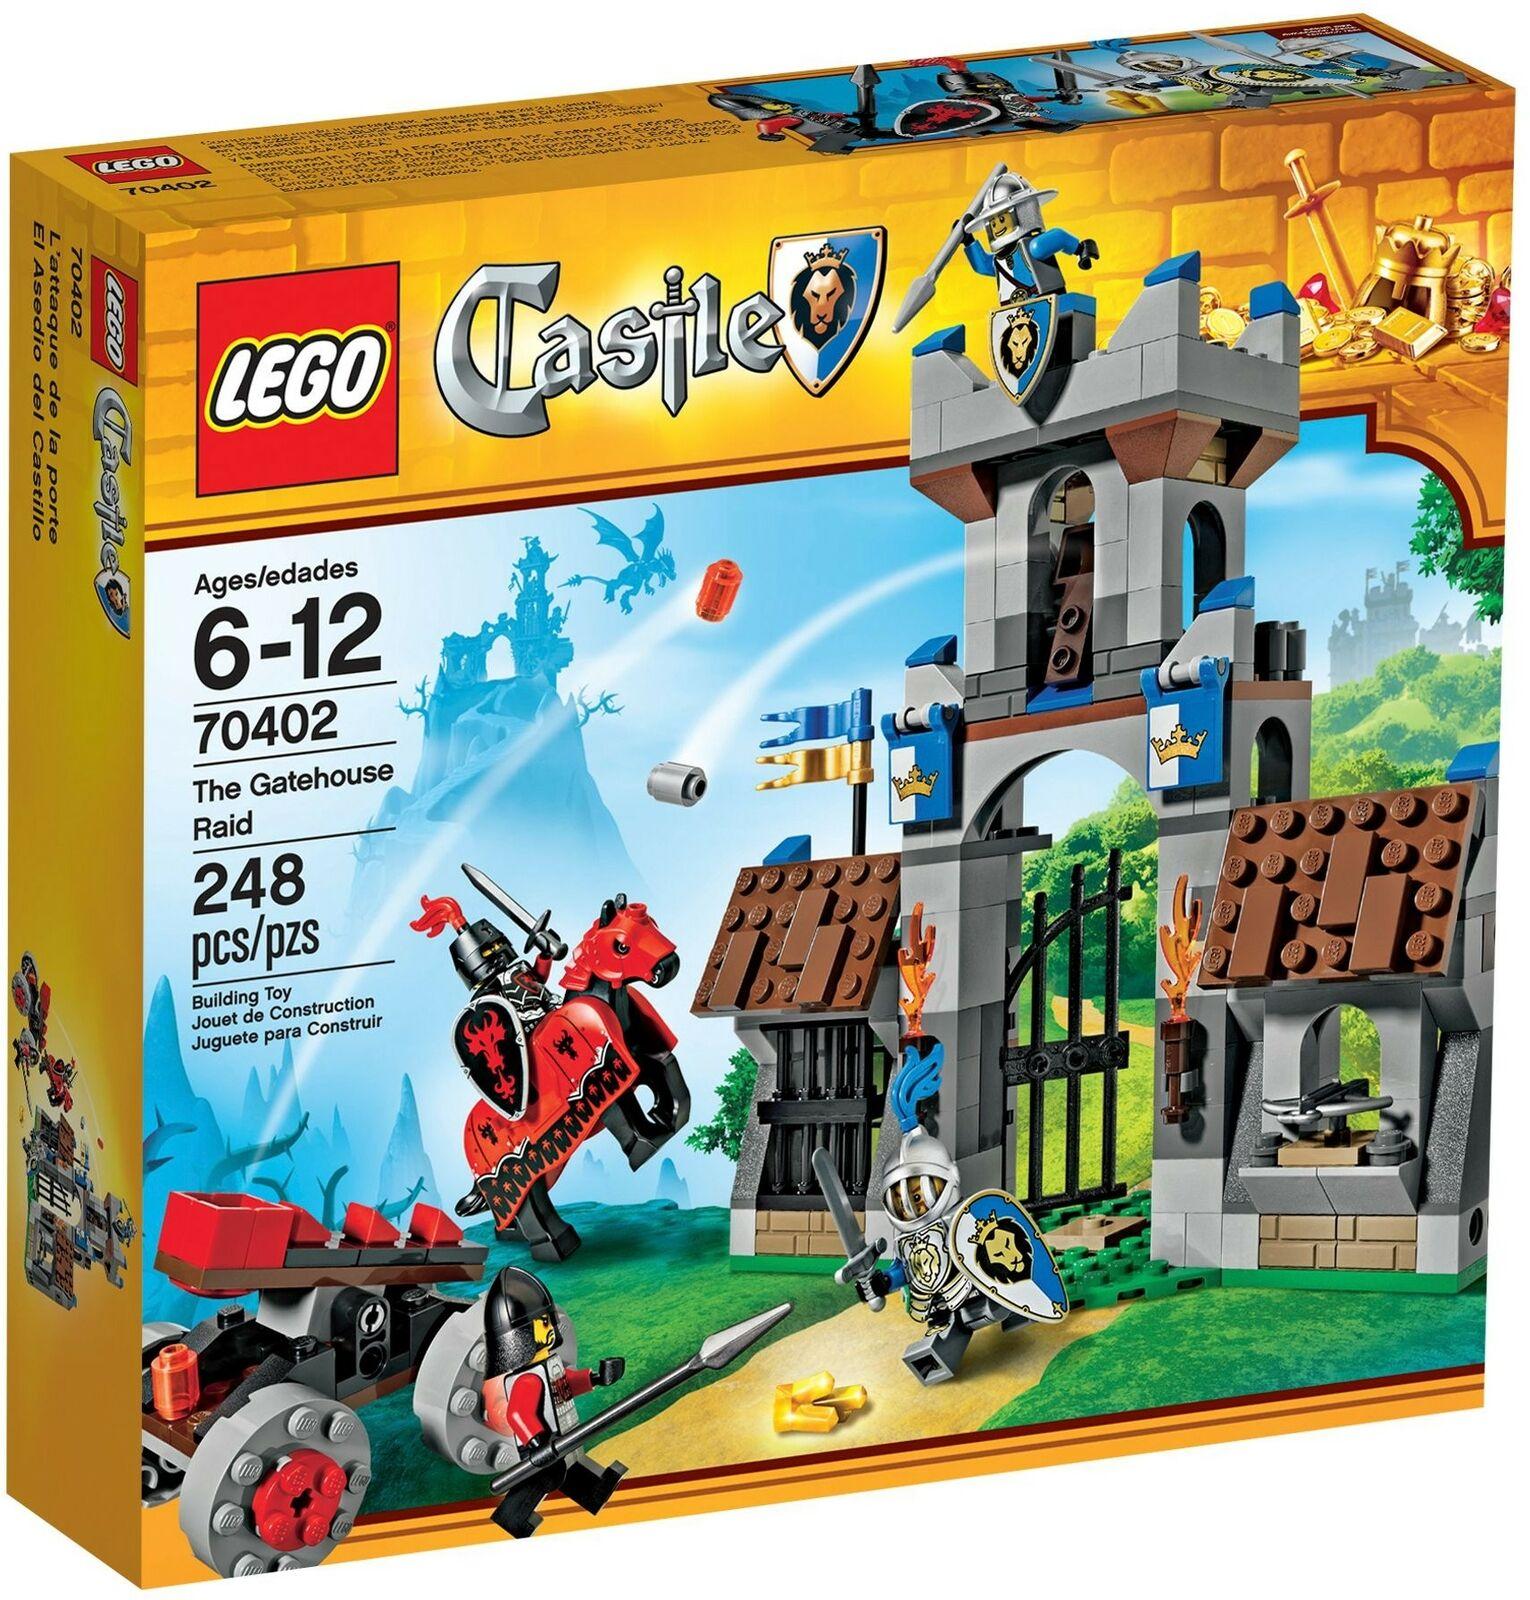 Nuevo castillo lego 70402 allanamientos.